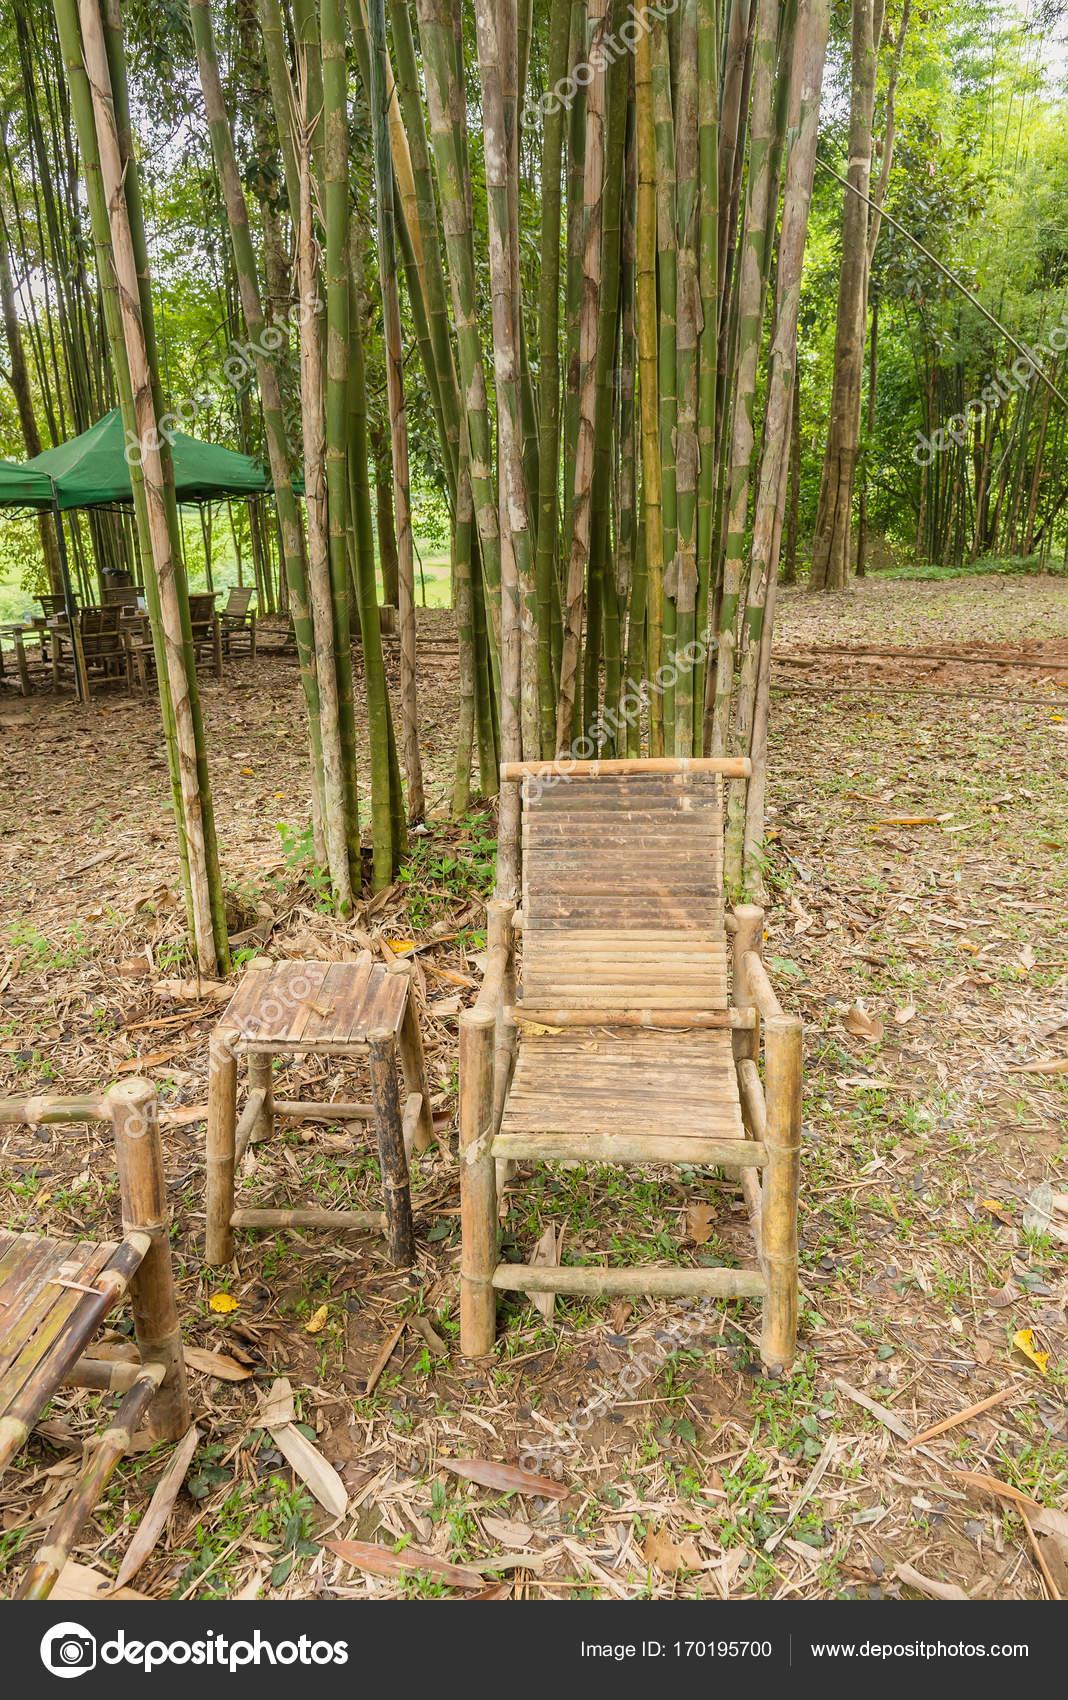 bambus im garten, bambus-tisch und stühle im garten — stockfoto © bubbers #170195700, Design ideen